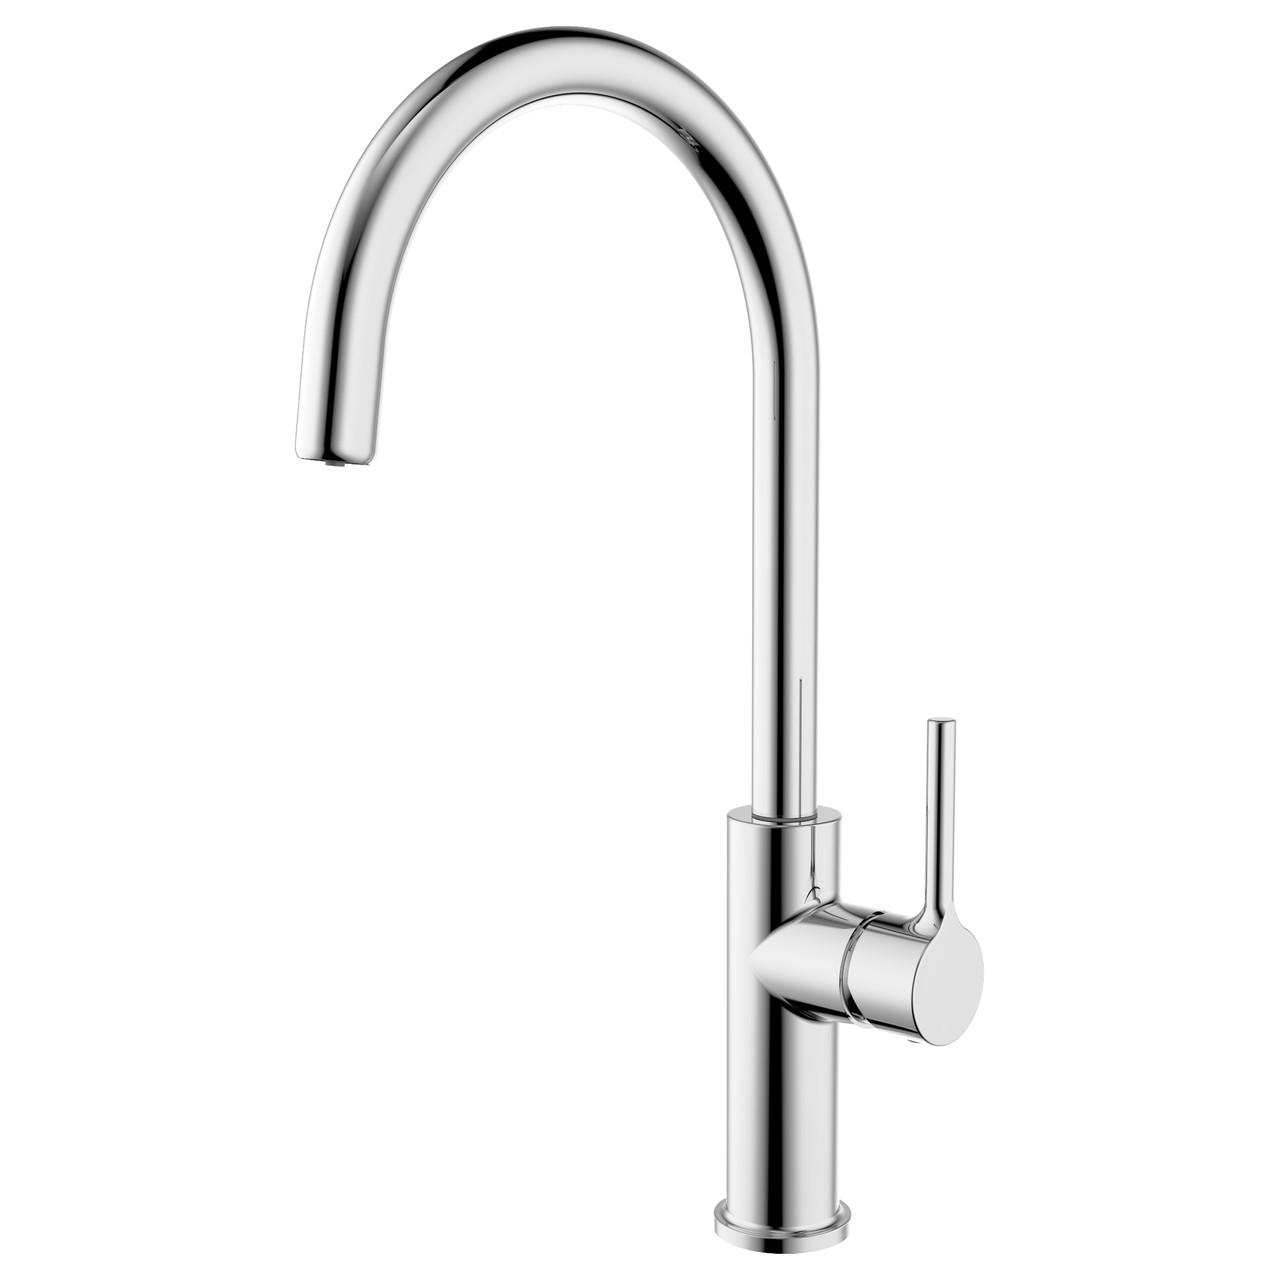 DAICY смеситель для кухни с подключением питьевой воды, хром, 35 мм